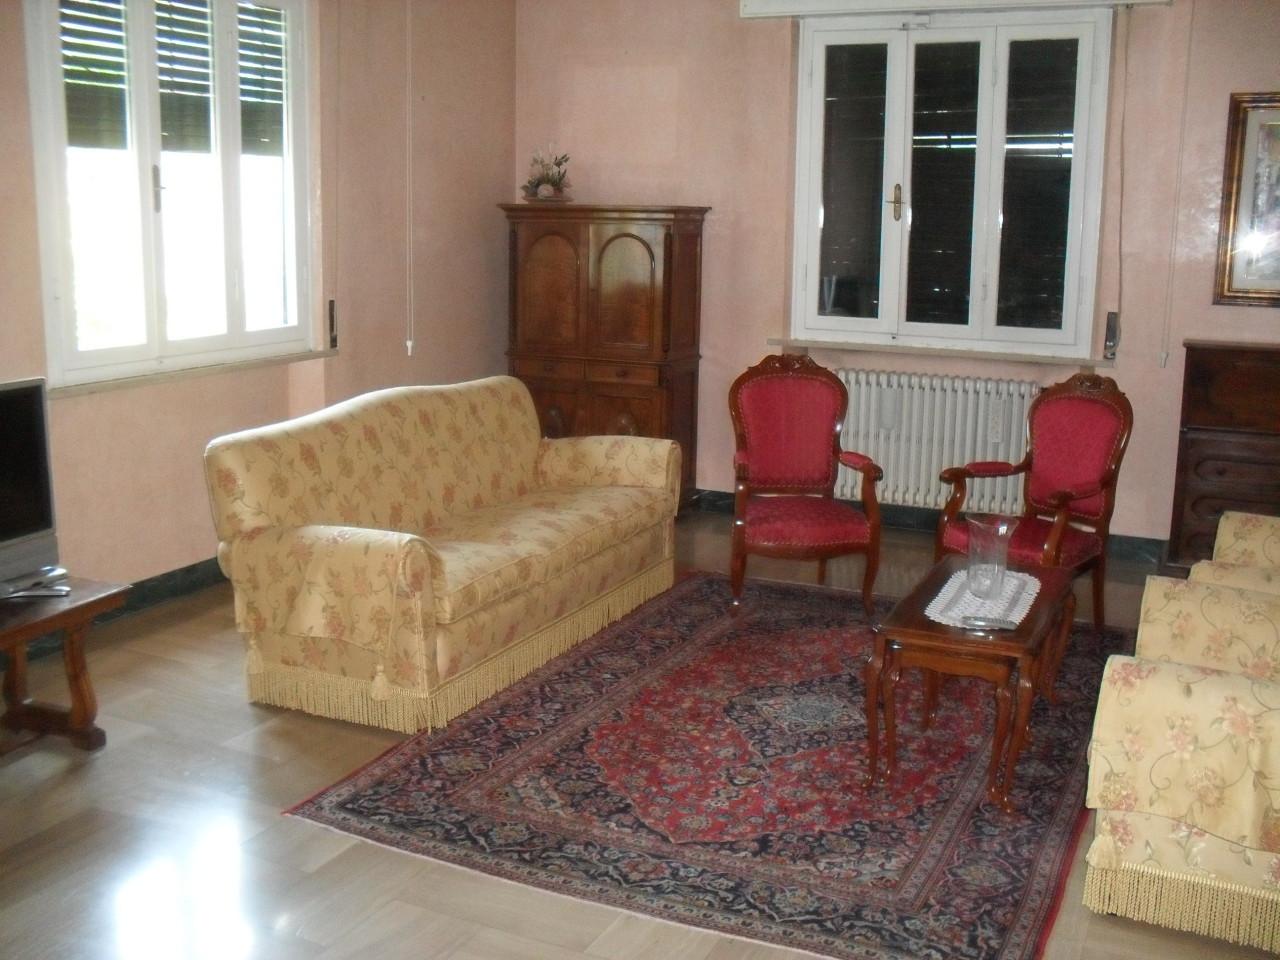 Villa in vendita a Pontedera, 7 locali, Trattative riservate | Cambio Casa.it